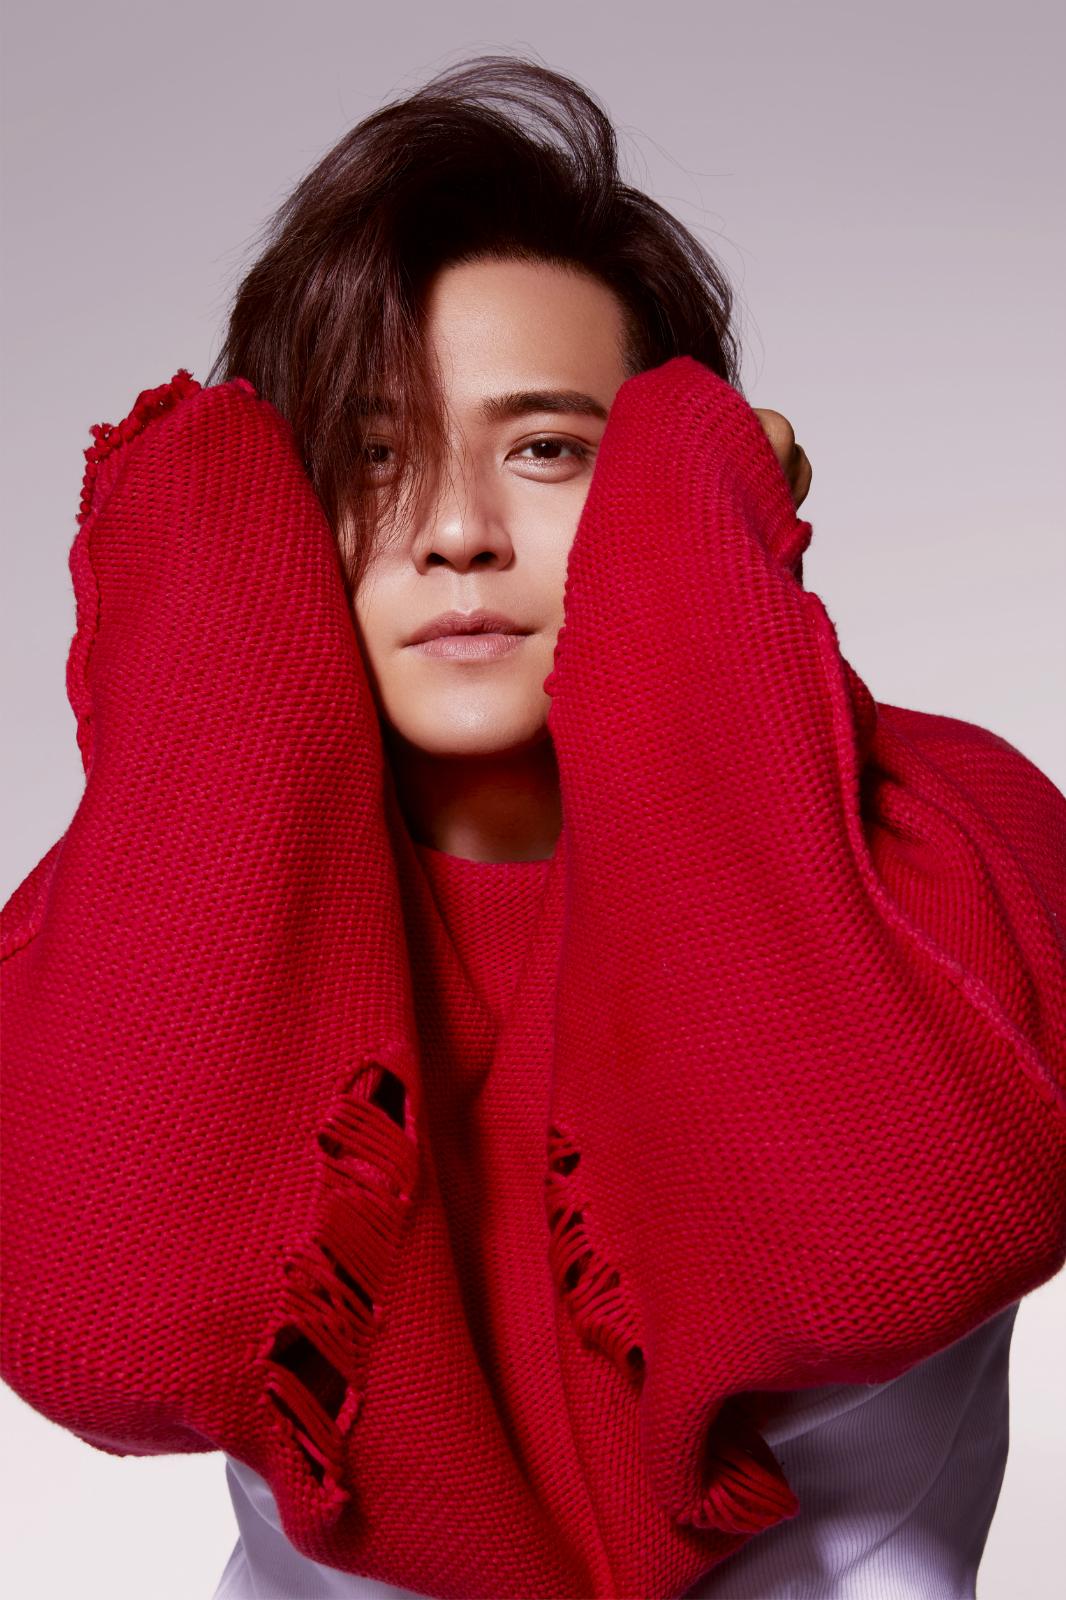 罗志祥新专辑有首《罗志祥》,没想到歌名来自歌词的谐音